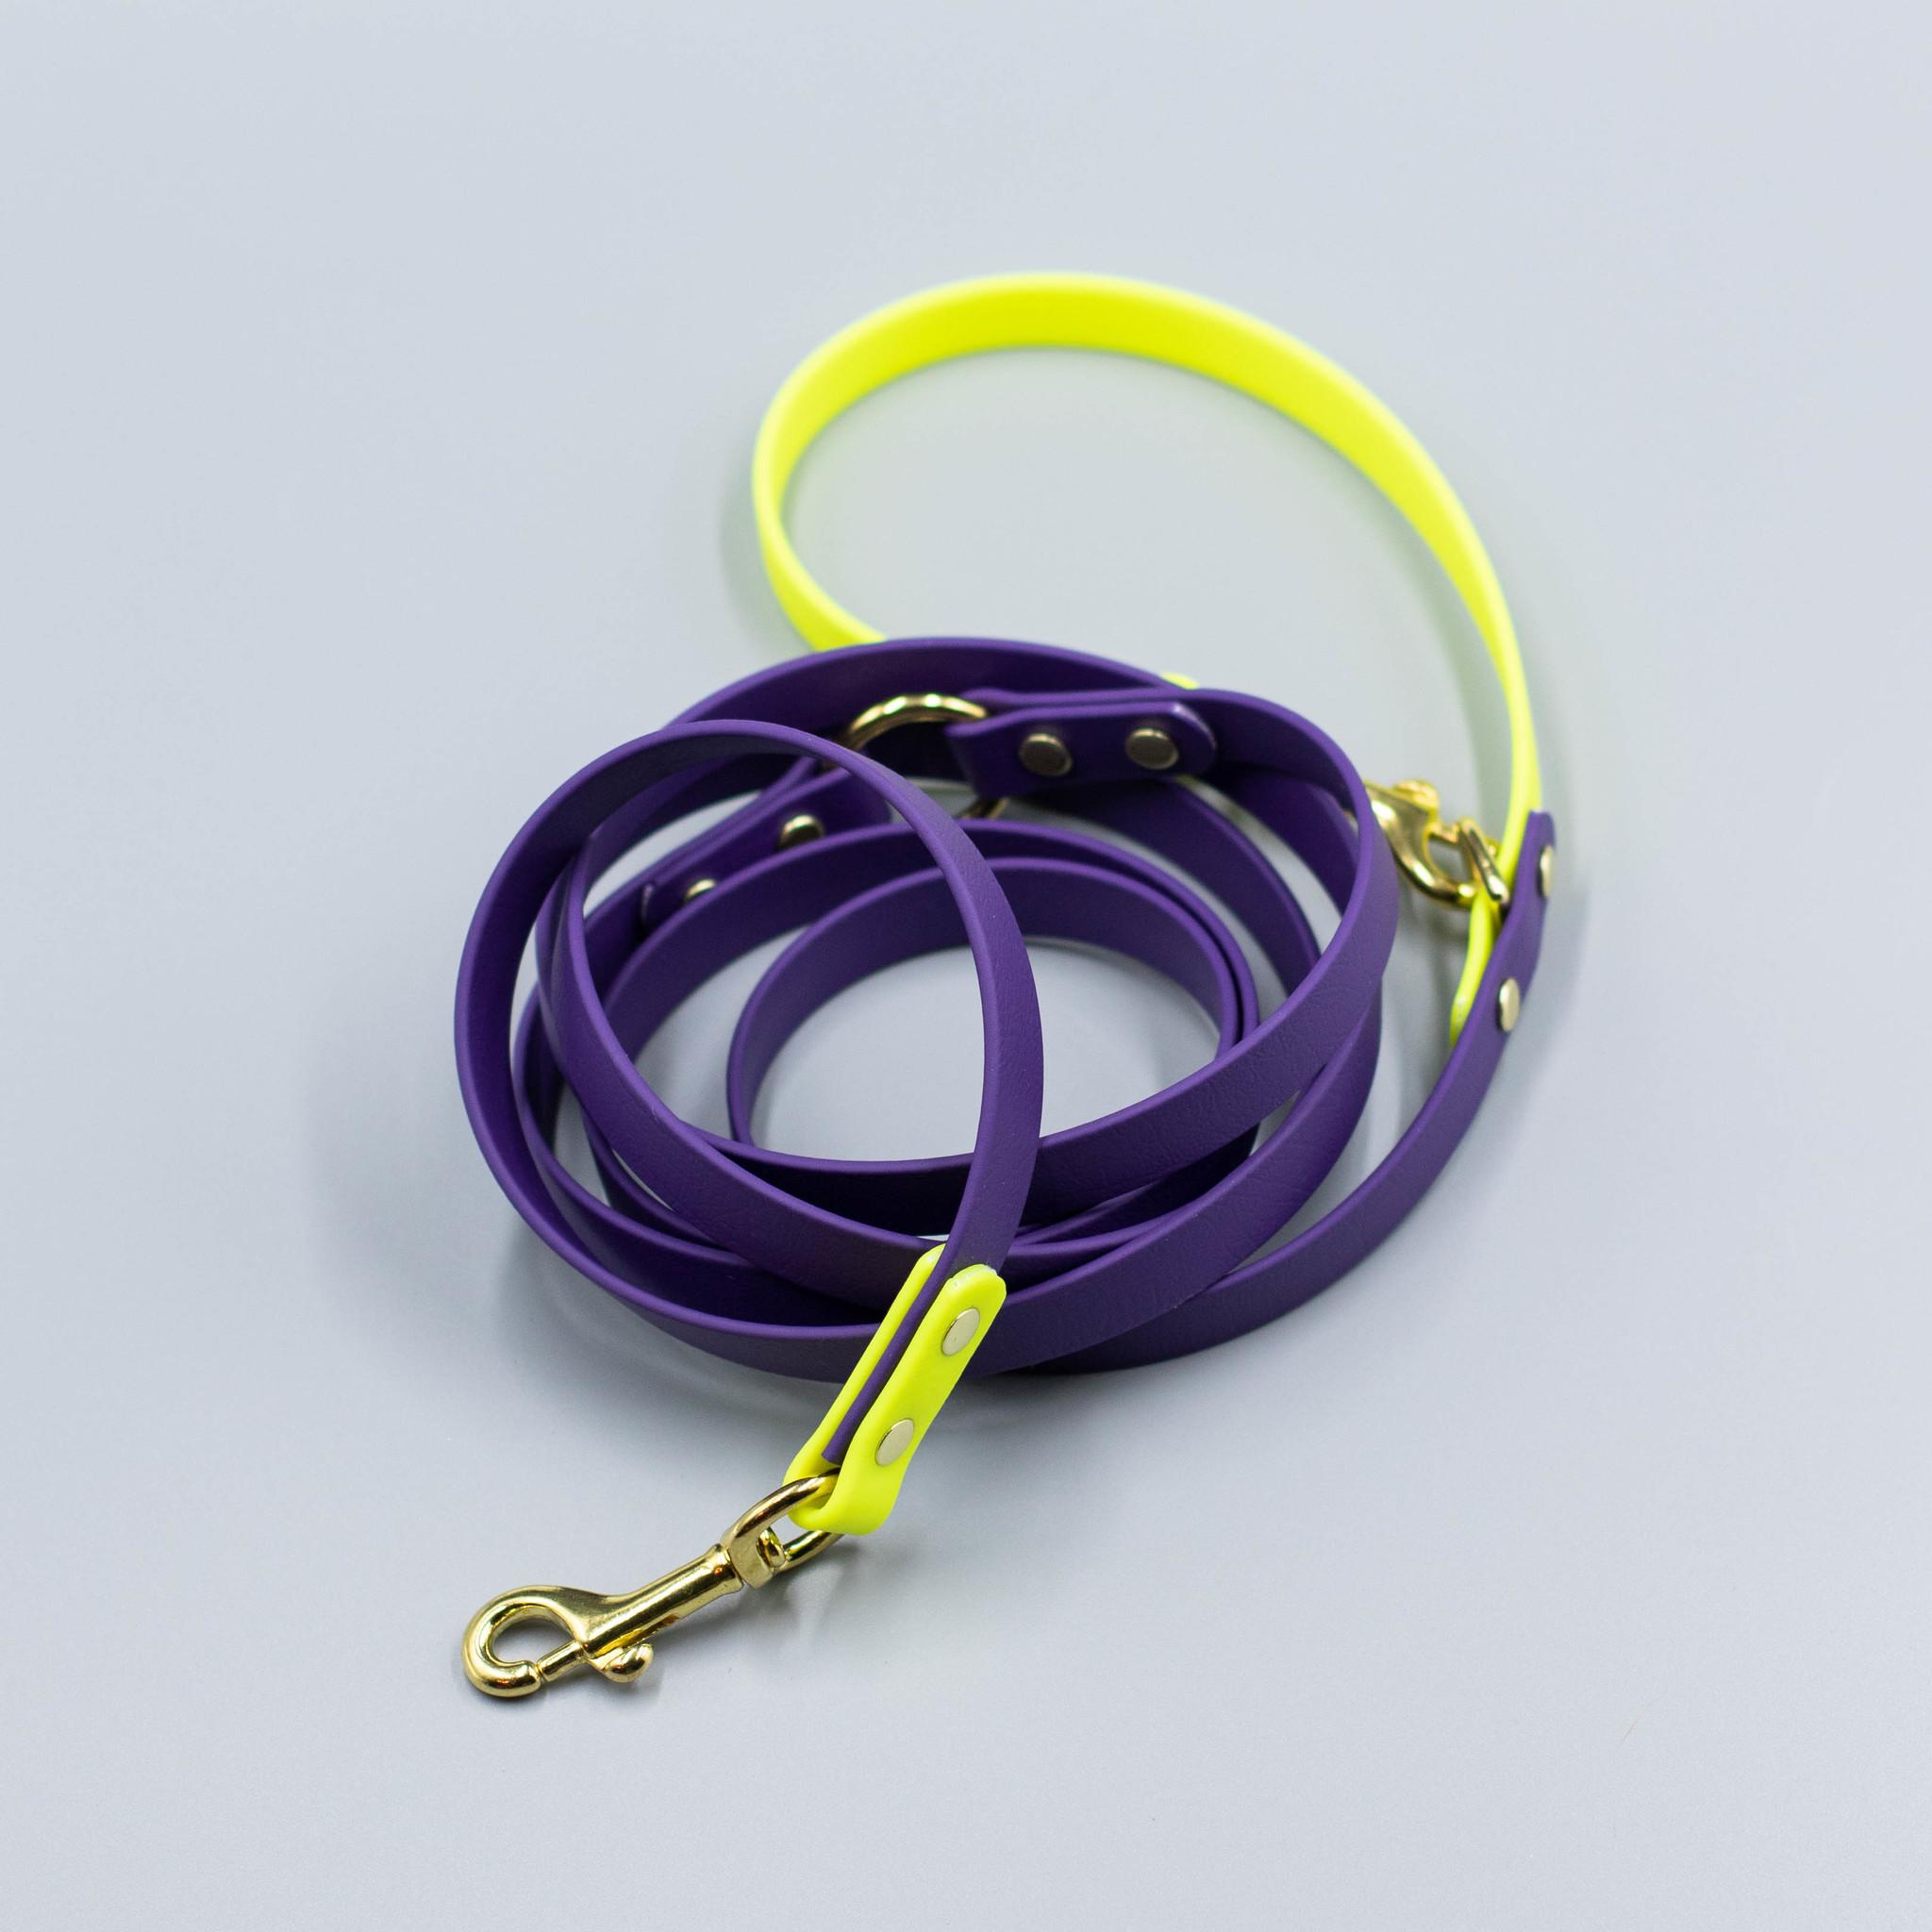 Поводок из стандартного биотана. Фиолетовый & Неоновый желтый